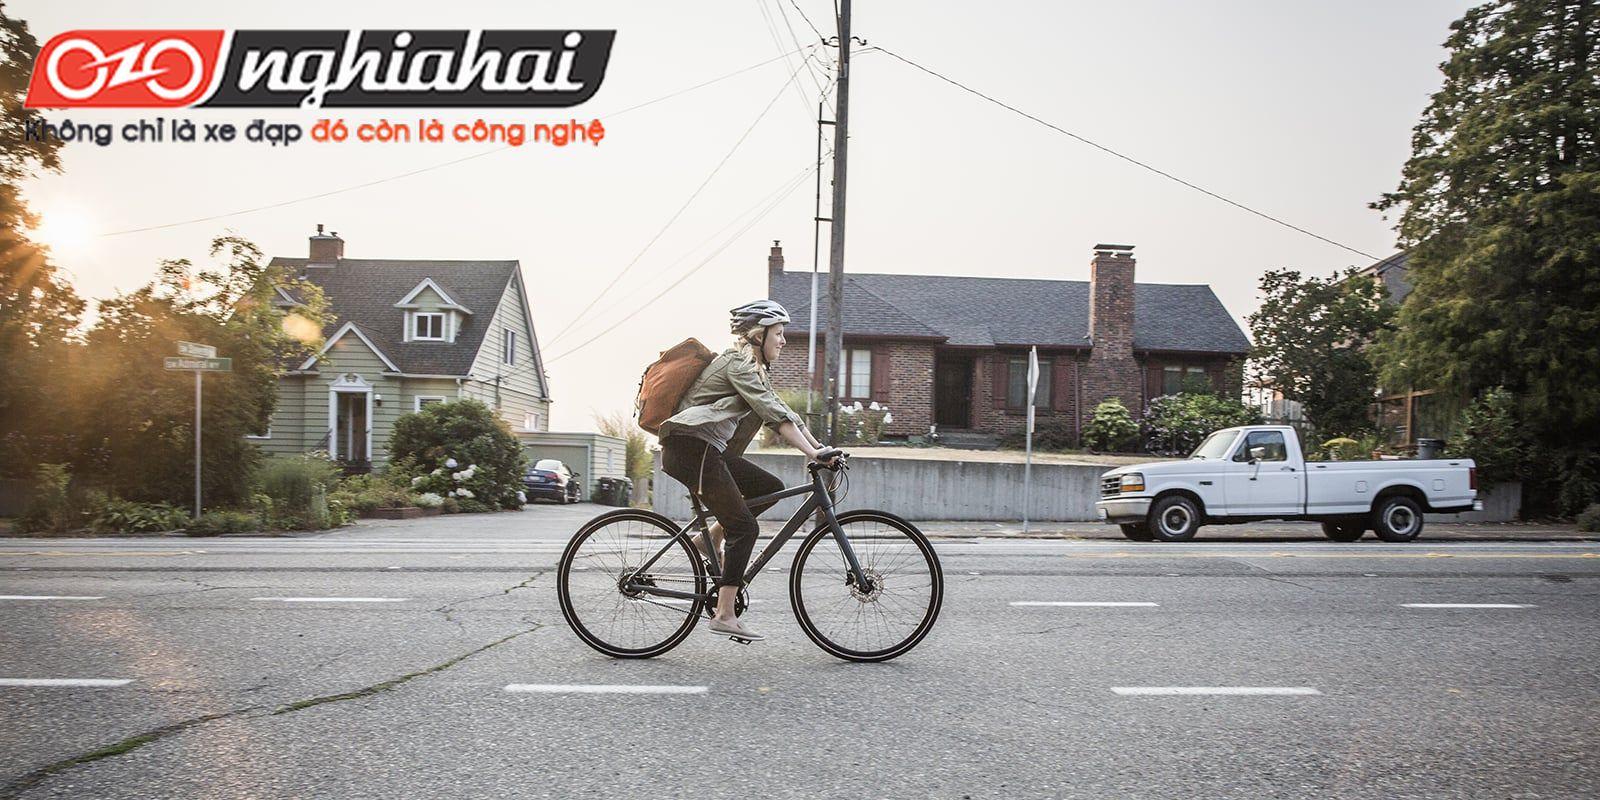 Giá xăng tăng cao, xe đạp ngày càng được ưa chuộng 1